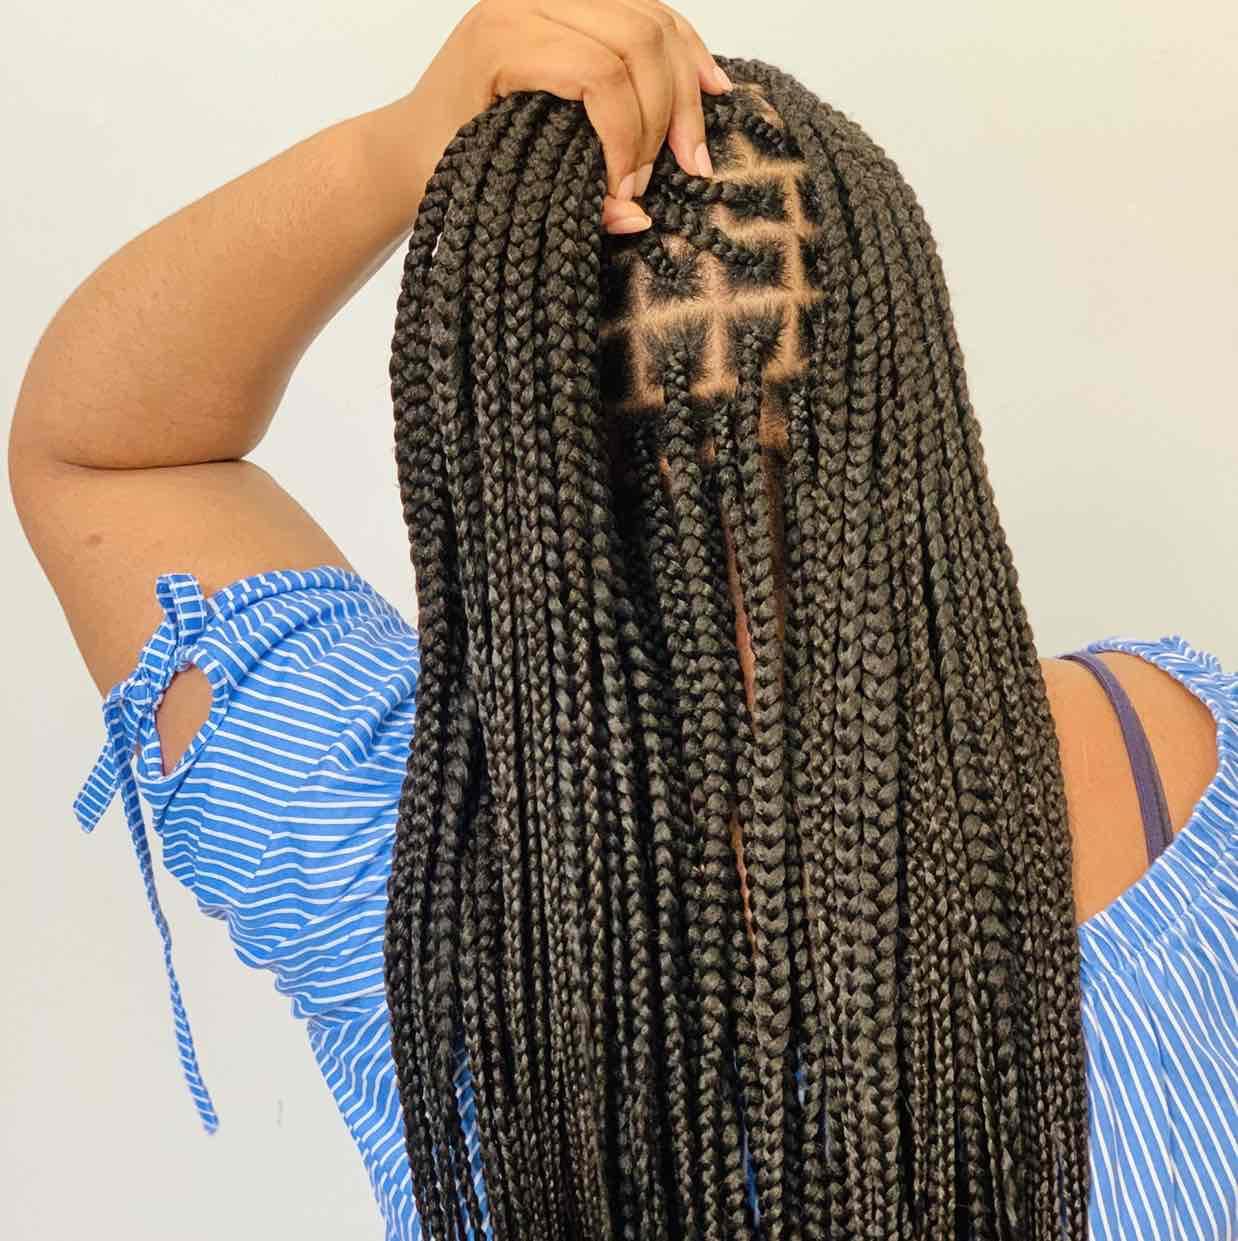 salon de coiffure afro tresse tresses box braids crochet braids vanilles tissages paris 75 77 78 91 92 93 94 95 VBLKPSHA